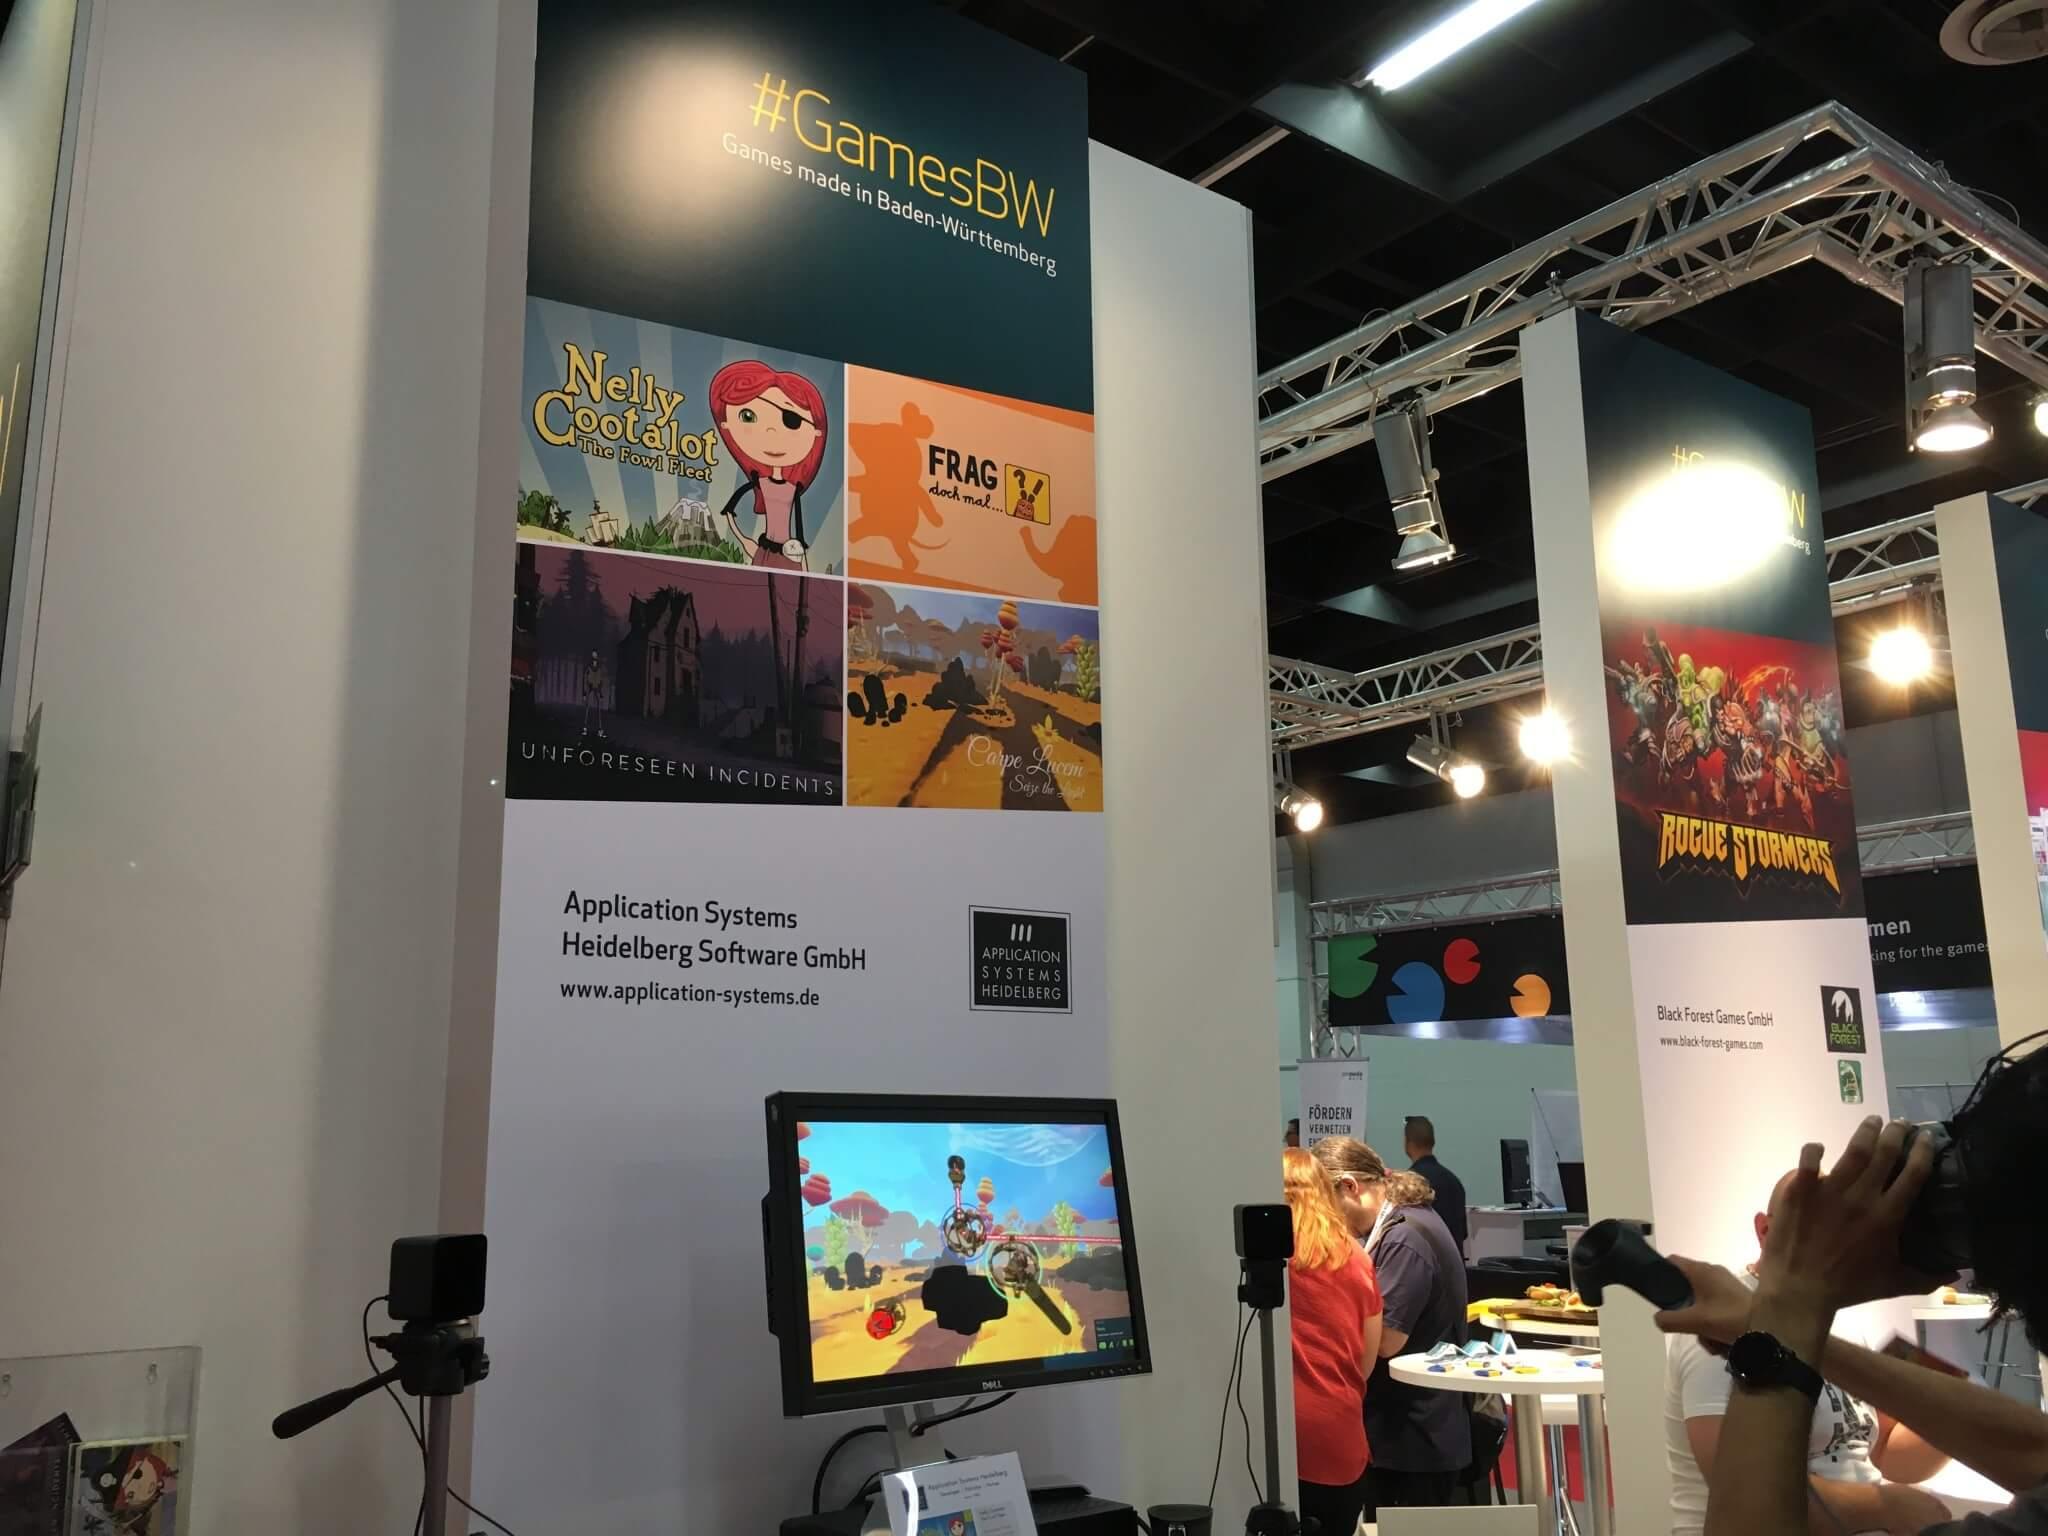 Gamescom 2016: Bei Application Systems Heidelberg gab es mit Cape Lucem auch ein interessantes VR-Spiel (nur Windows) zu sehen